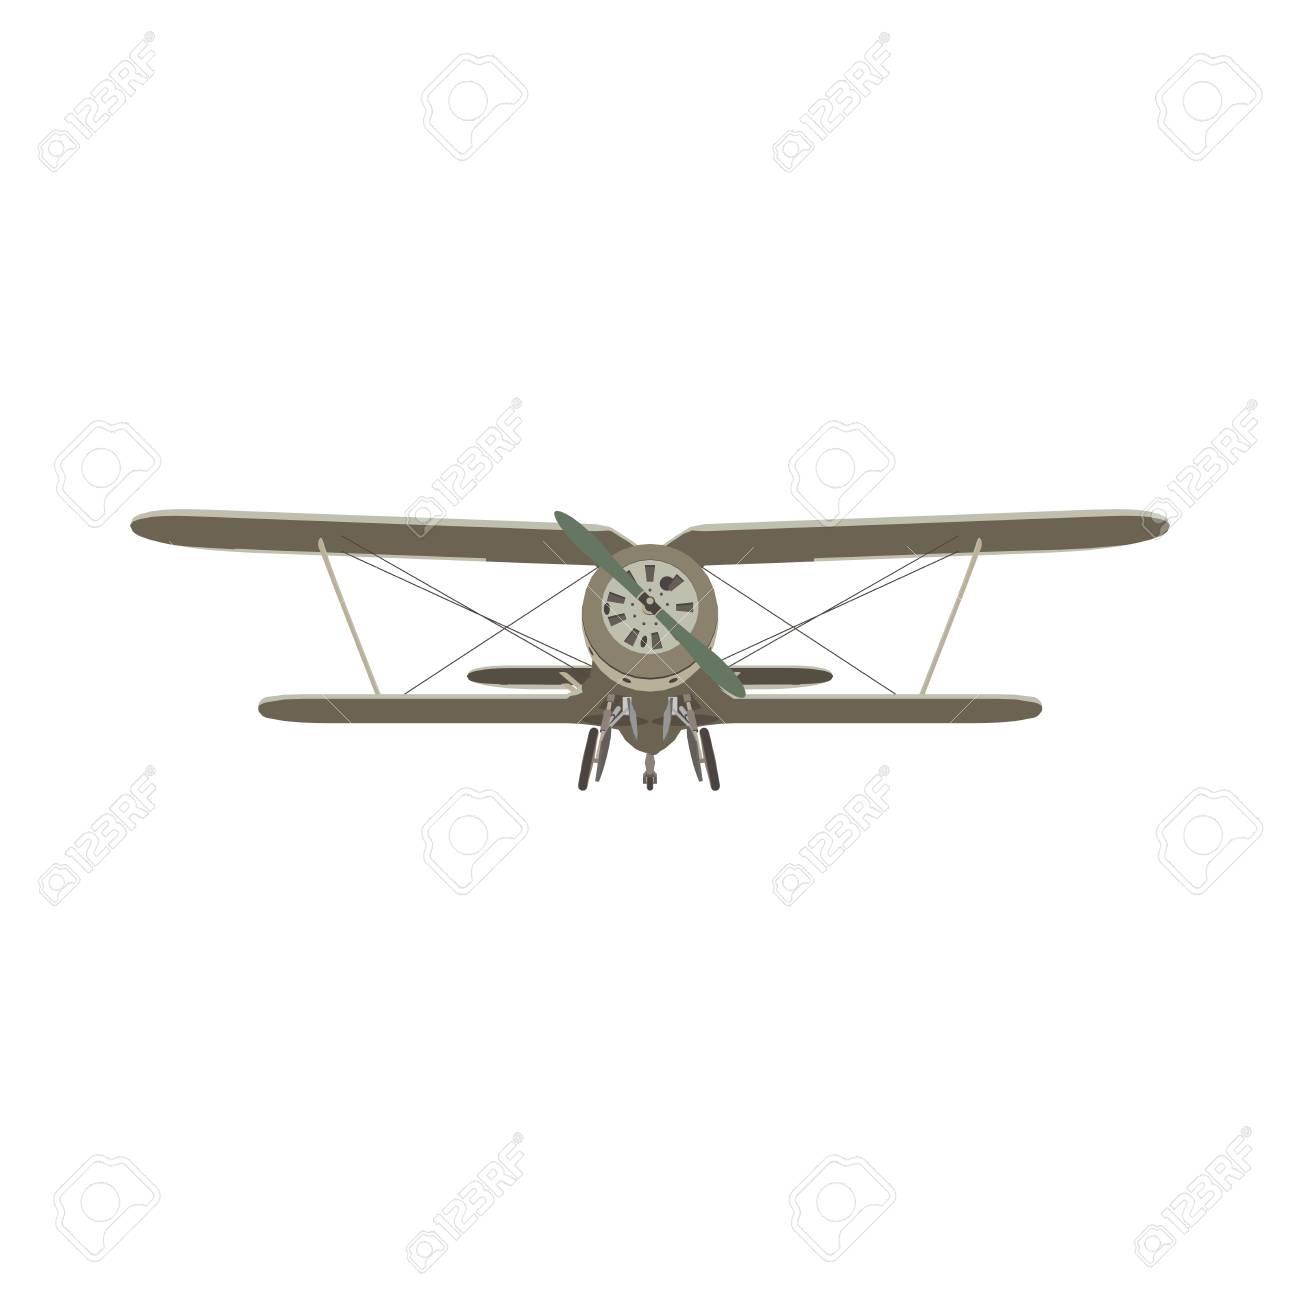 複葉機ヴィンテージ飛行機。 ロ...